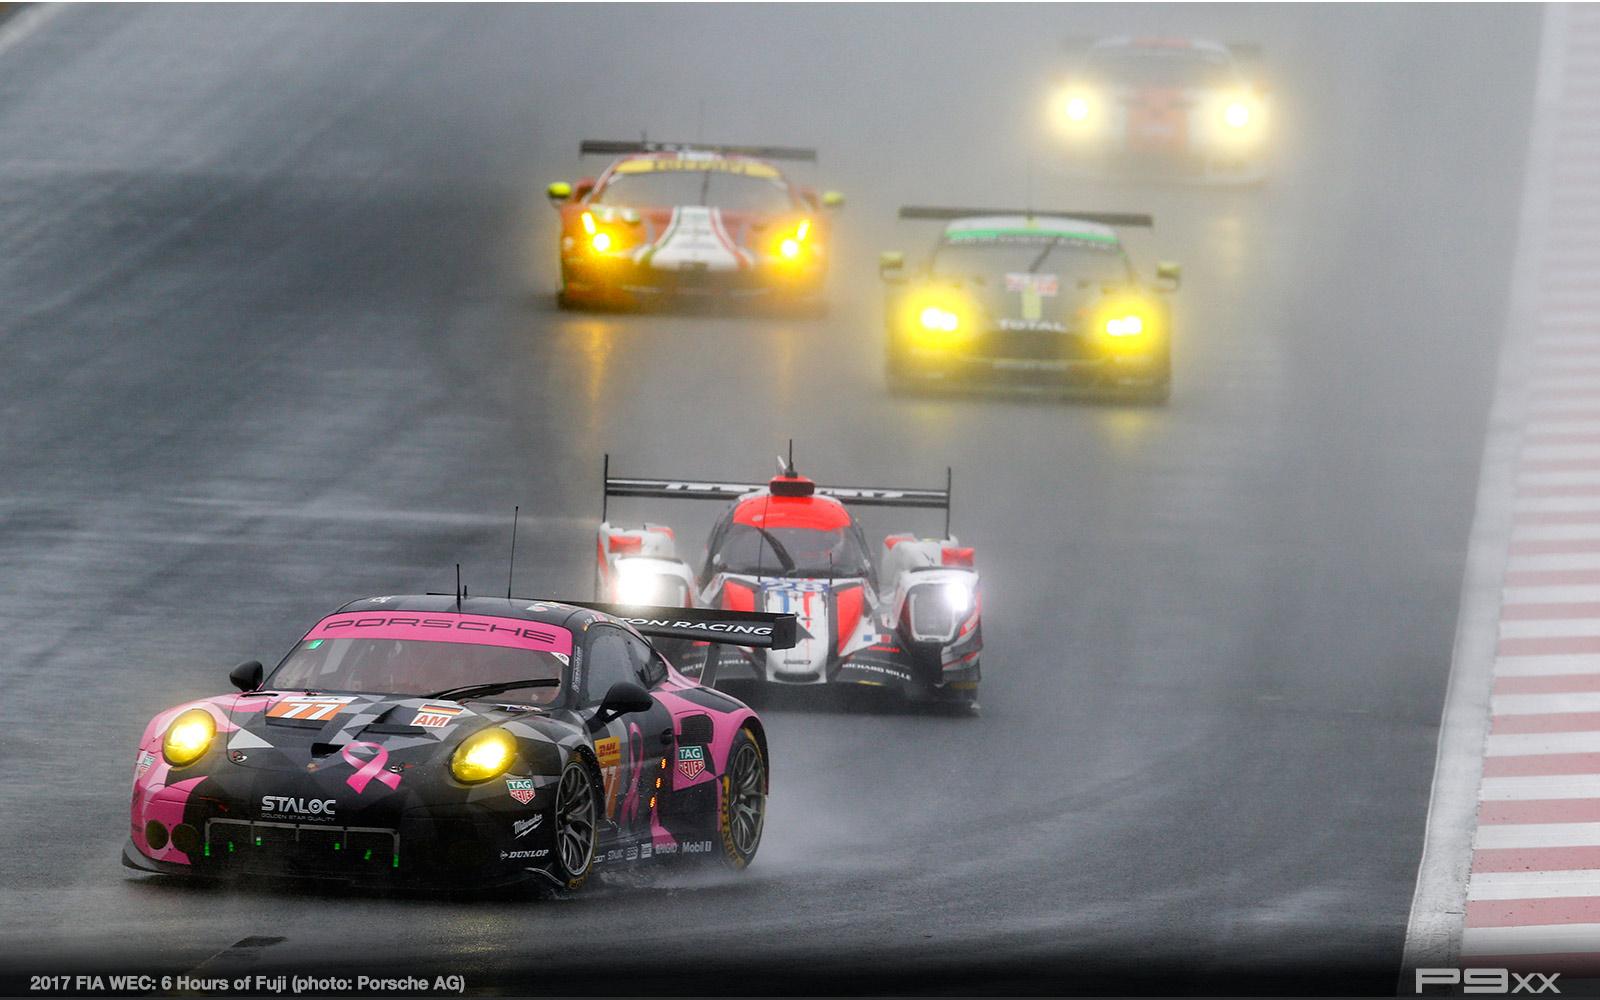 2017-FIA-WEC-6h-of-Fuji-Porsche-478